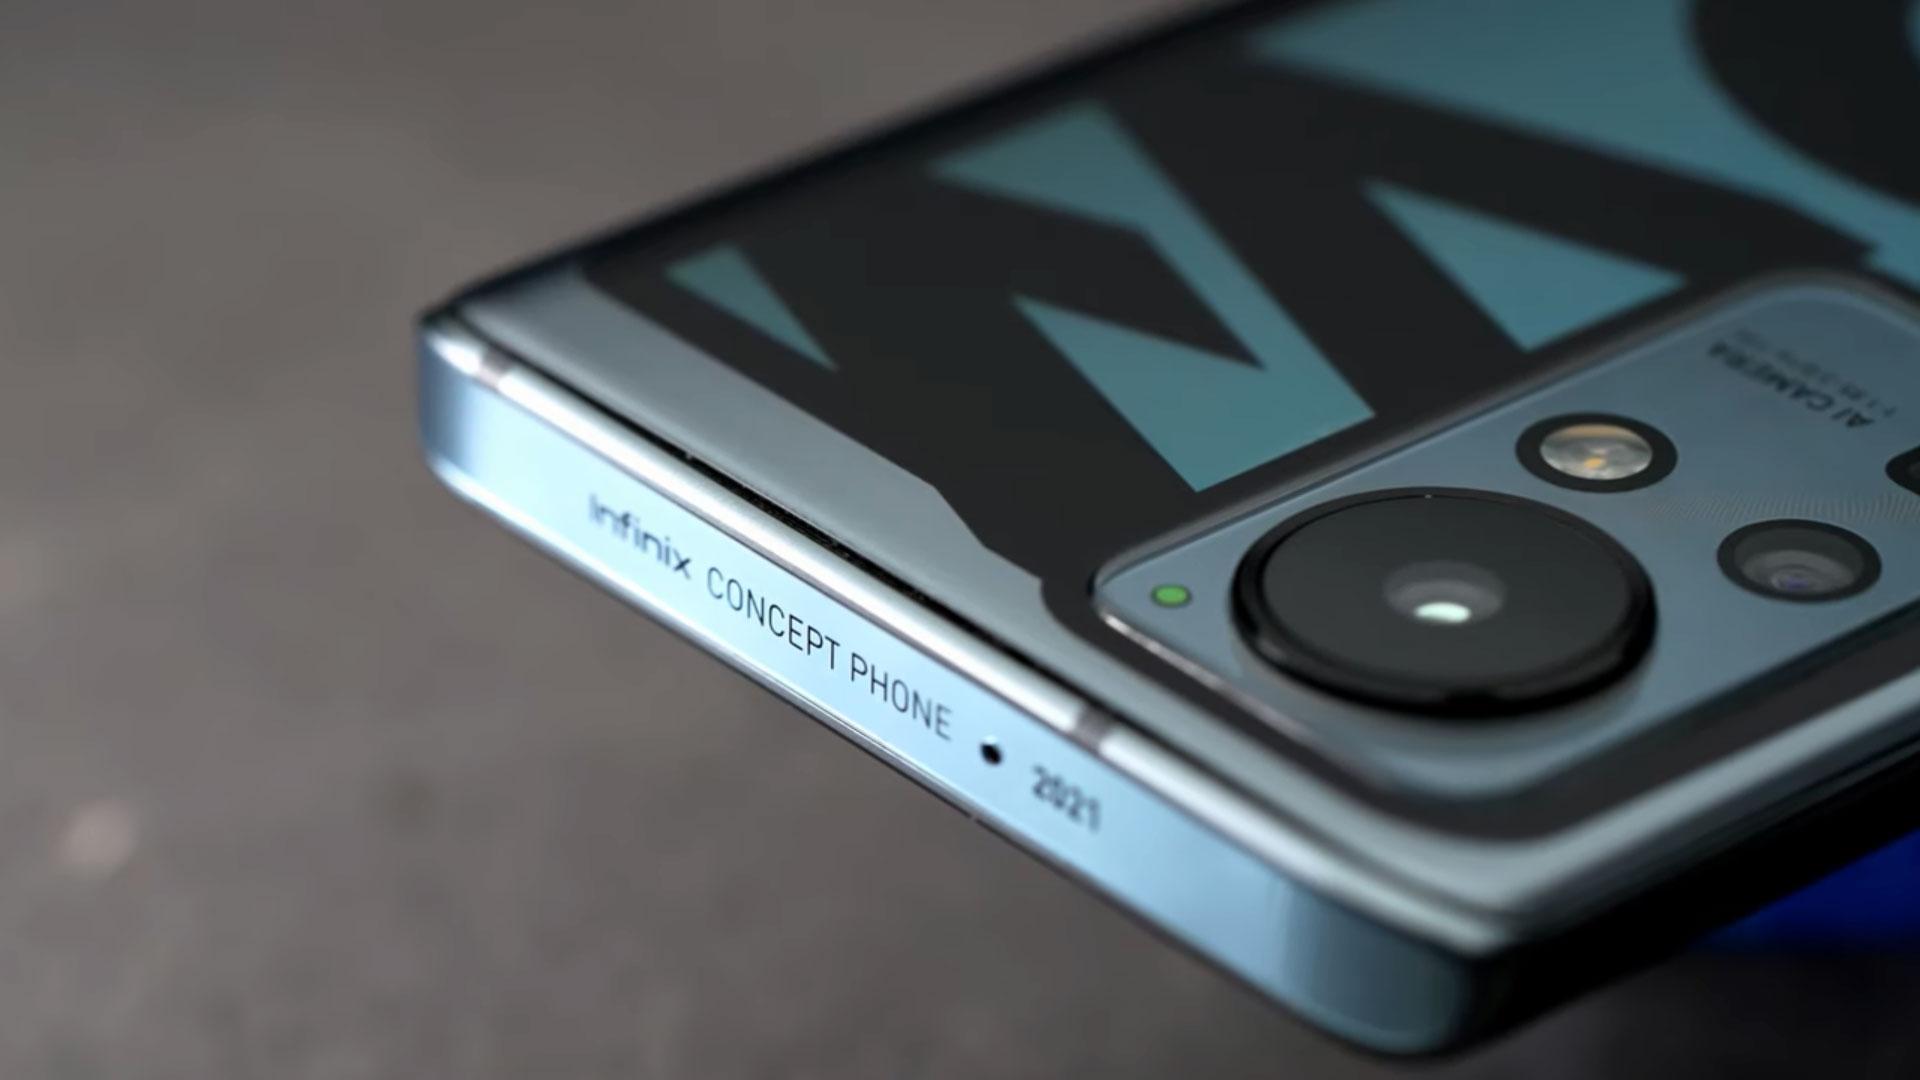 گوشی مفهومی Infinix Concept Phone 2021 با شارژر ۱۶۰ وات و مدیاتک Helio G95 رونمایی شد